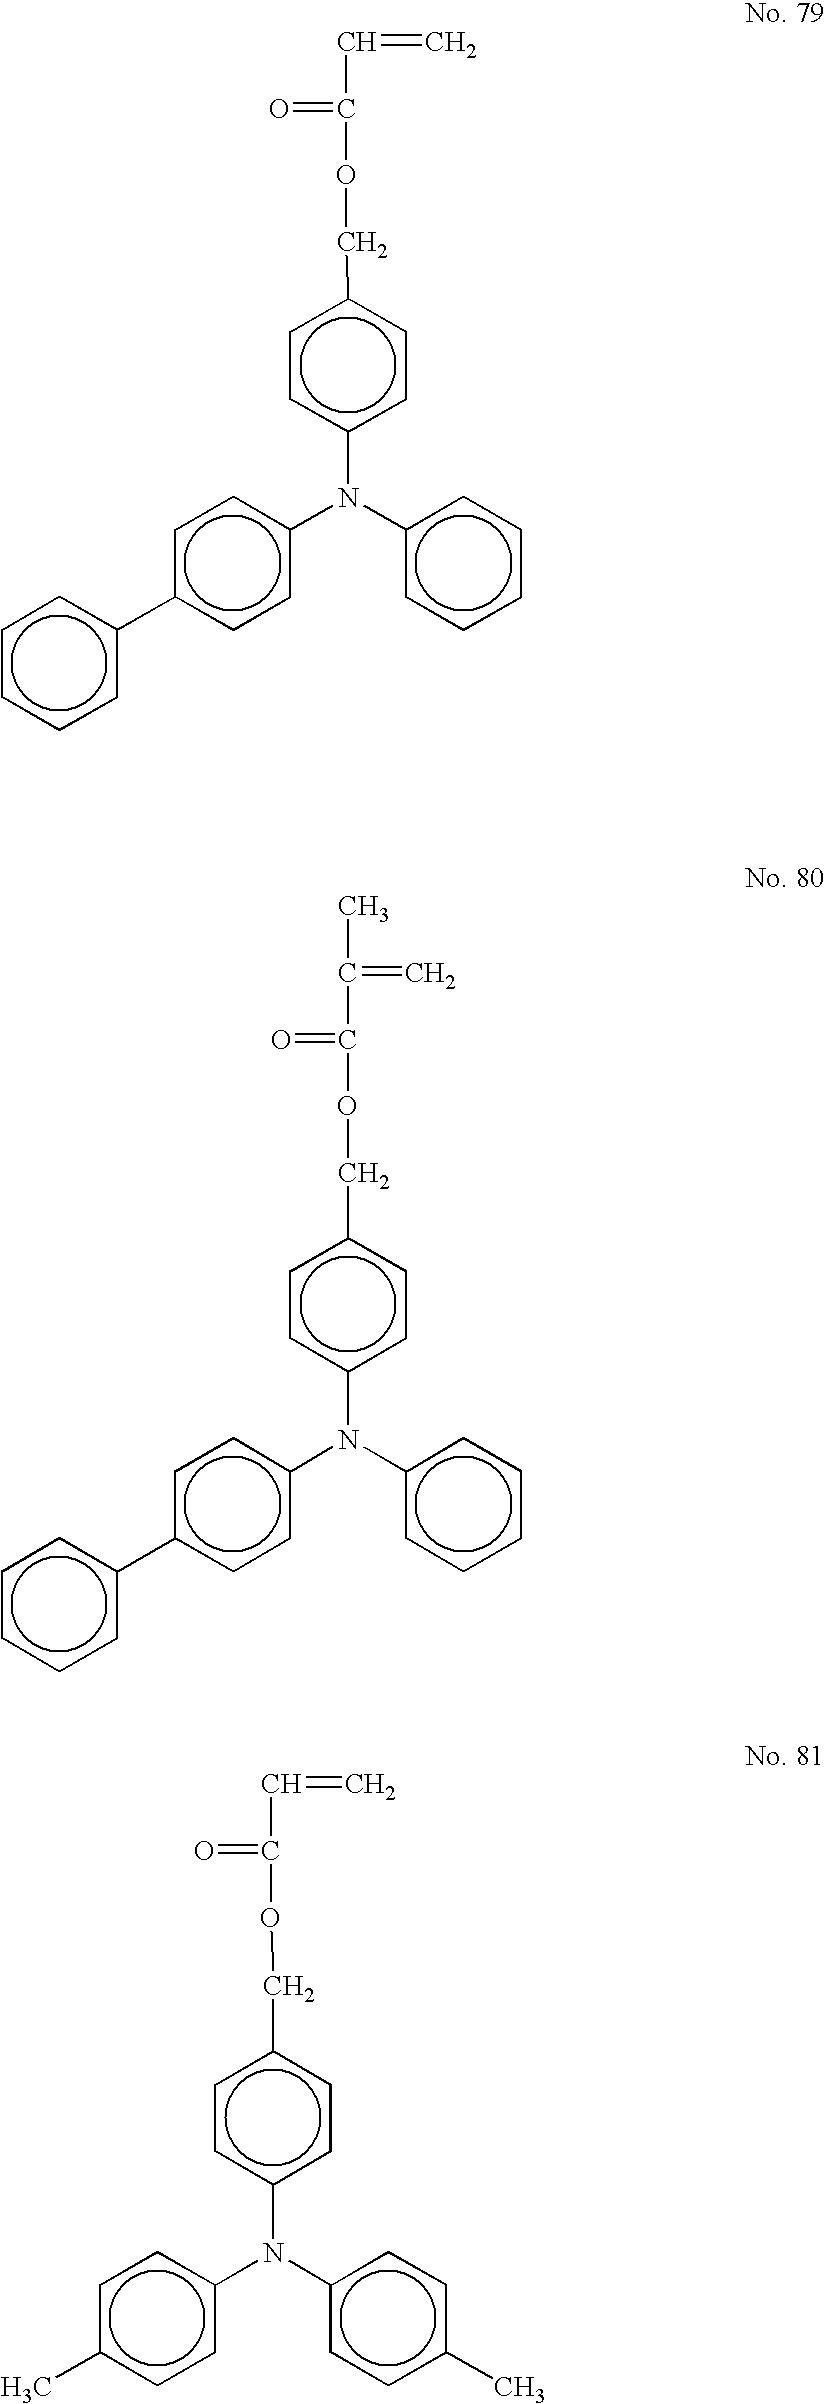 Figure US20040253527A1-20041216-C00038